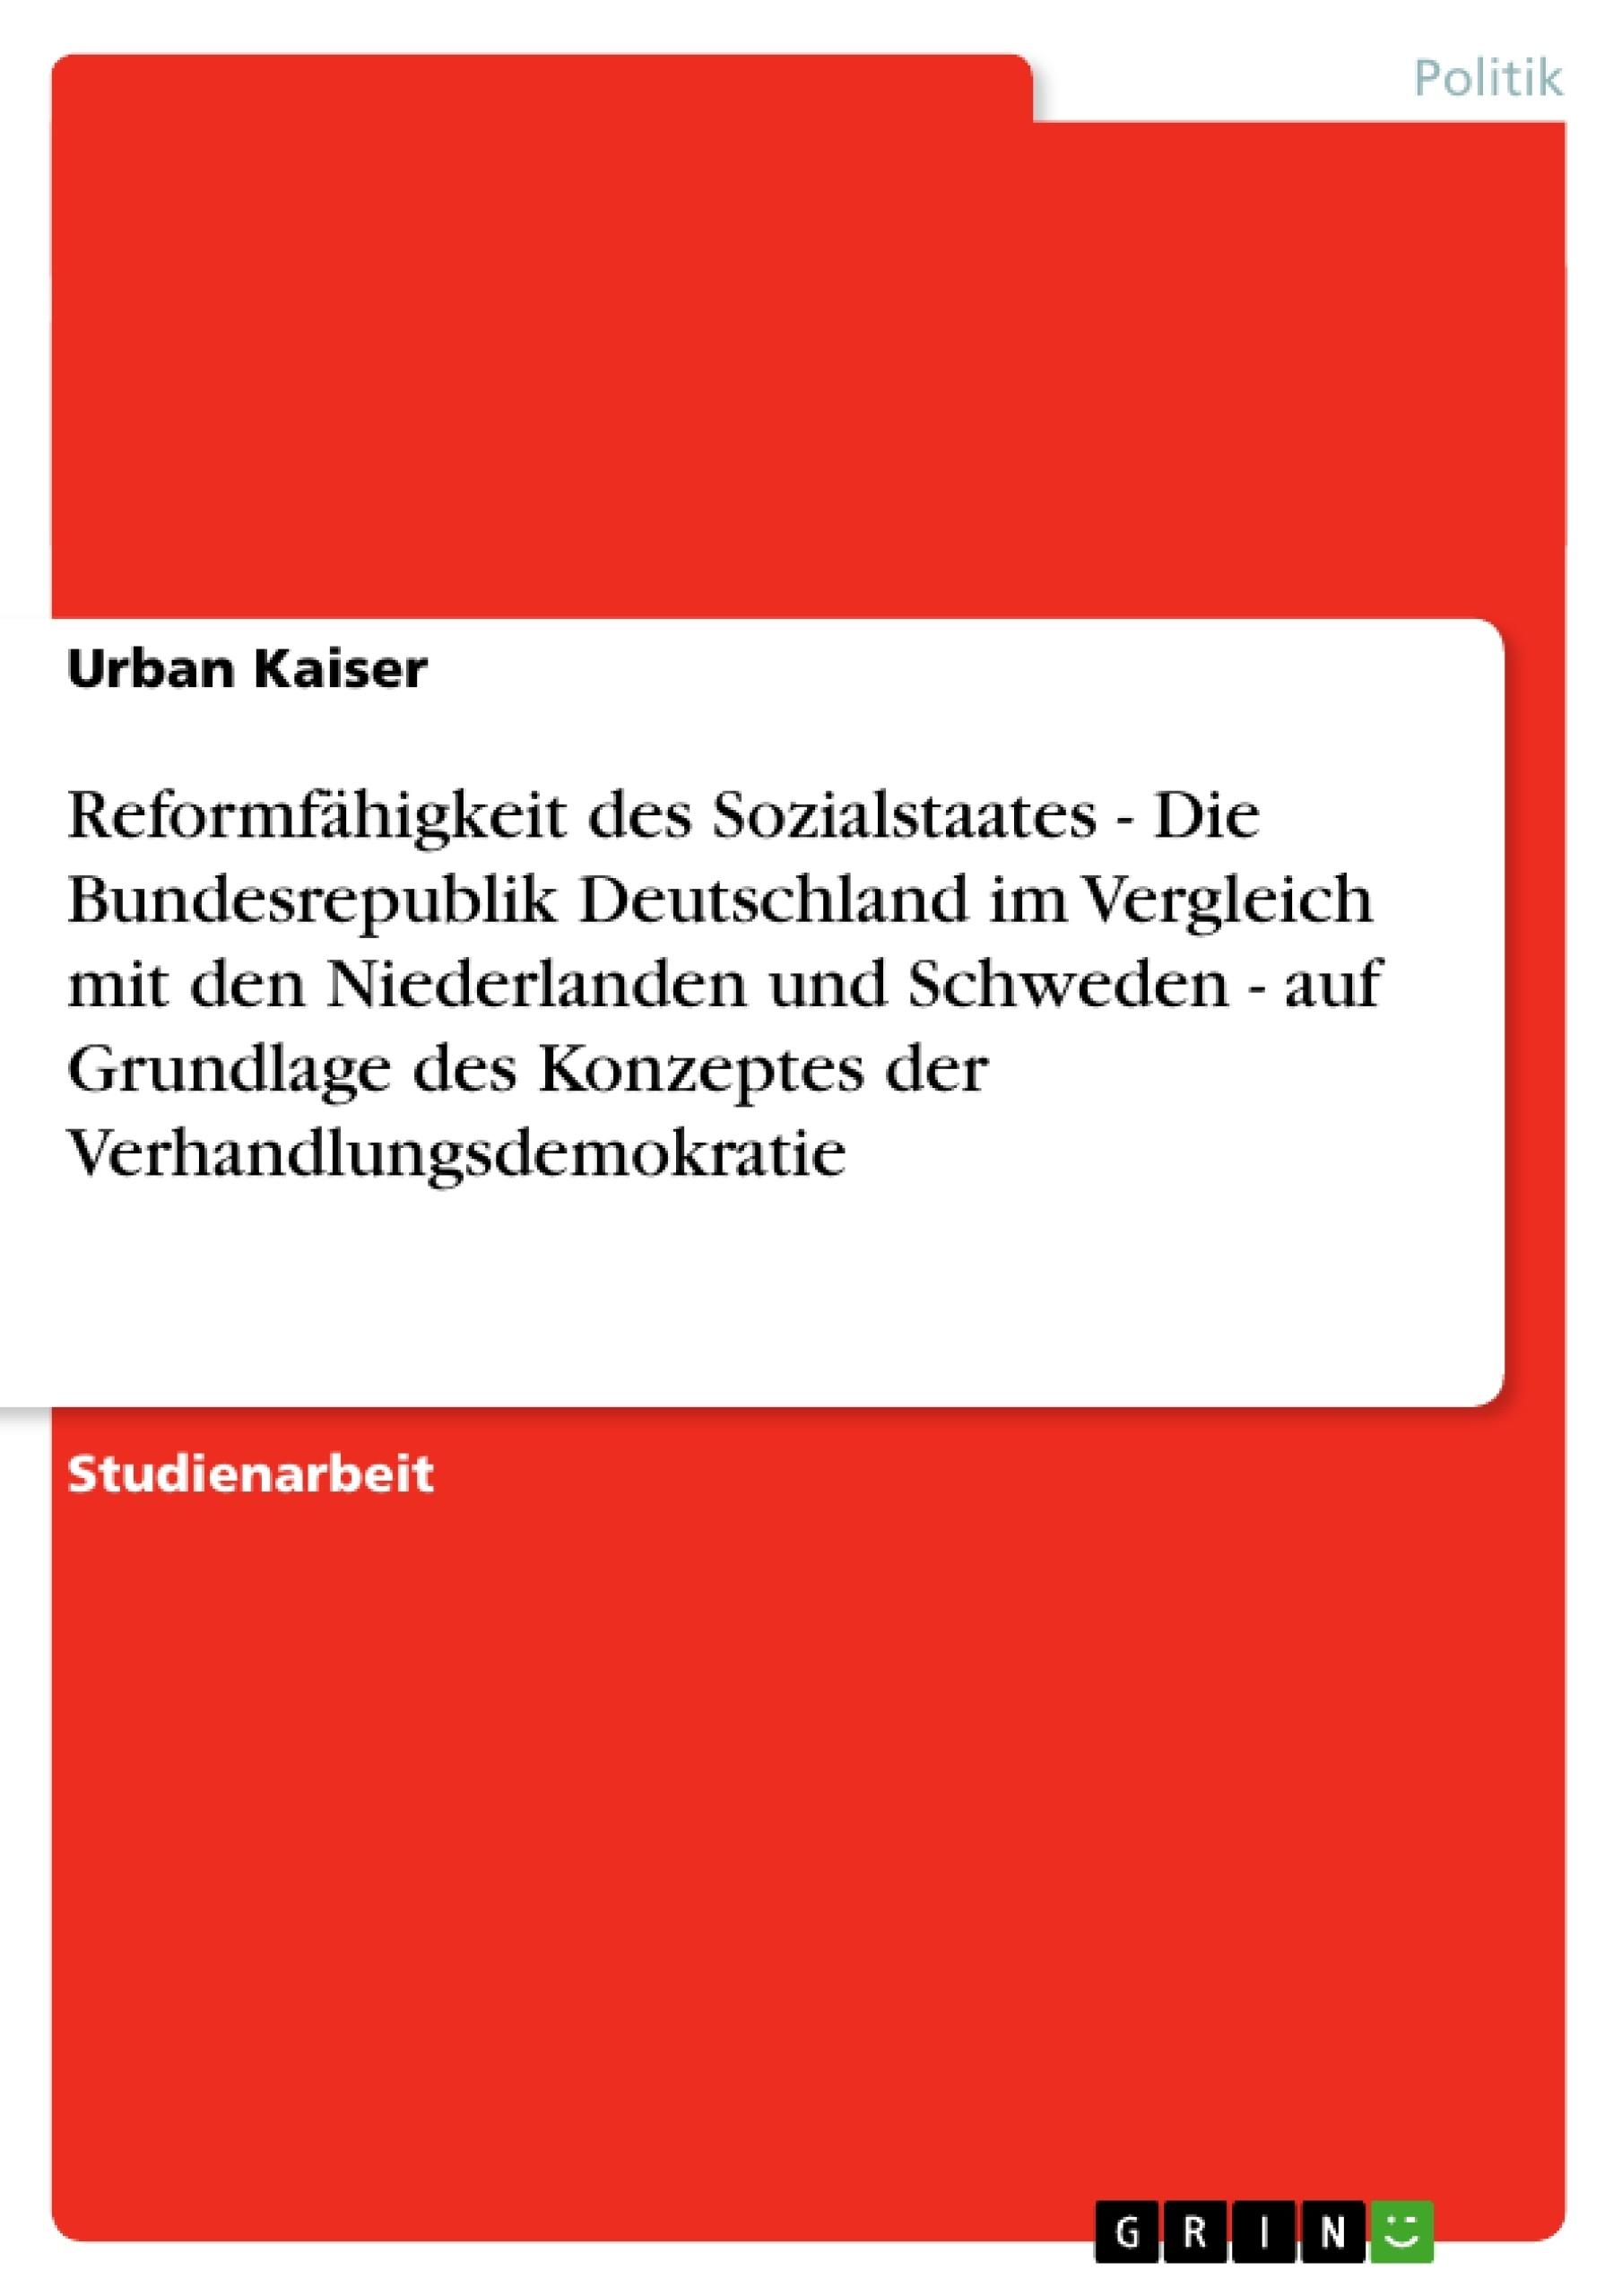 Titel: Reformfähigkeit des Sozialstaates - Die Bundesrepublik Deutschland im Vergleich mit den Niederlanden und Schweden - auf Grundlage des Konzeptes der Verhandlungsdemokratie